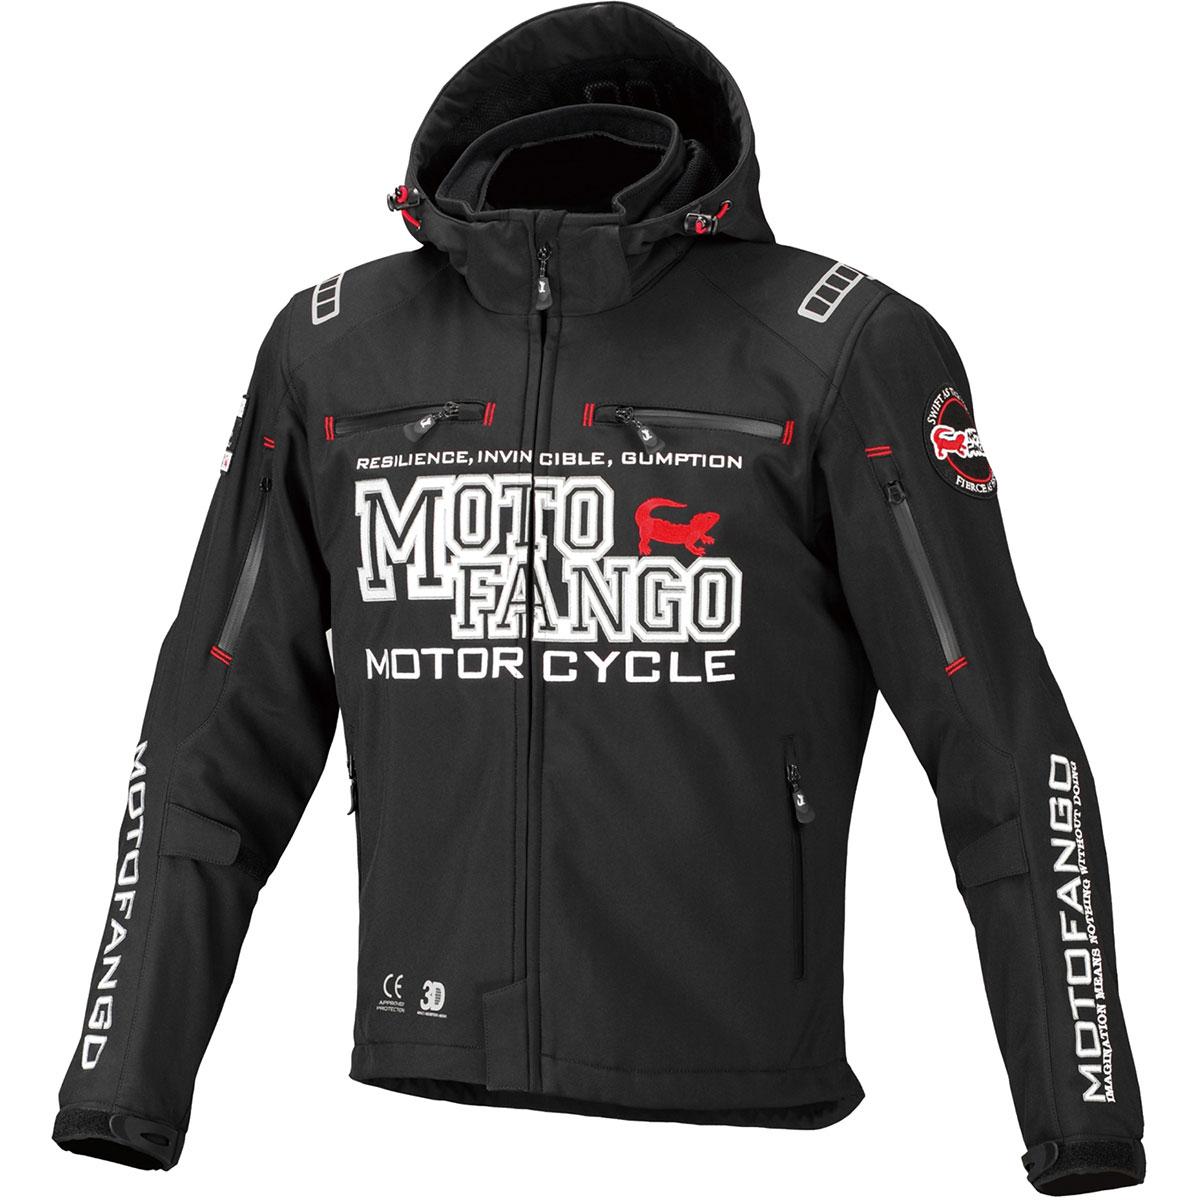 コミネ (Komine) バイク用 ジャケット Jacket MJ-005 ソフトシェルウインターパーカ ブラック 黒 Mサイズ 17-005/BK/M